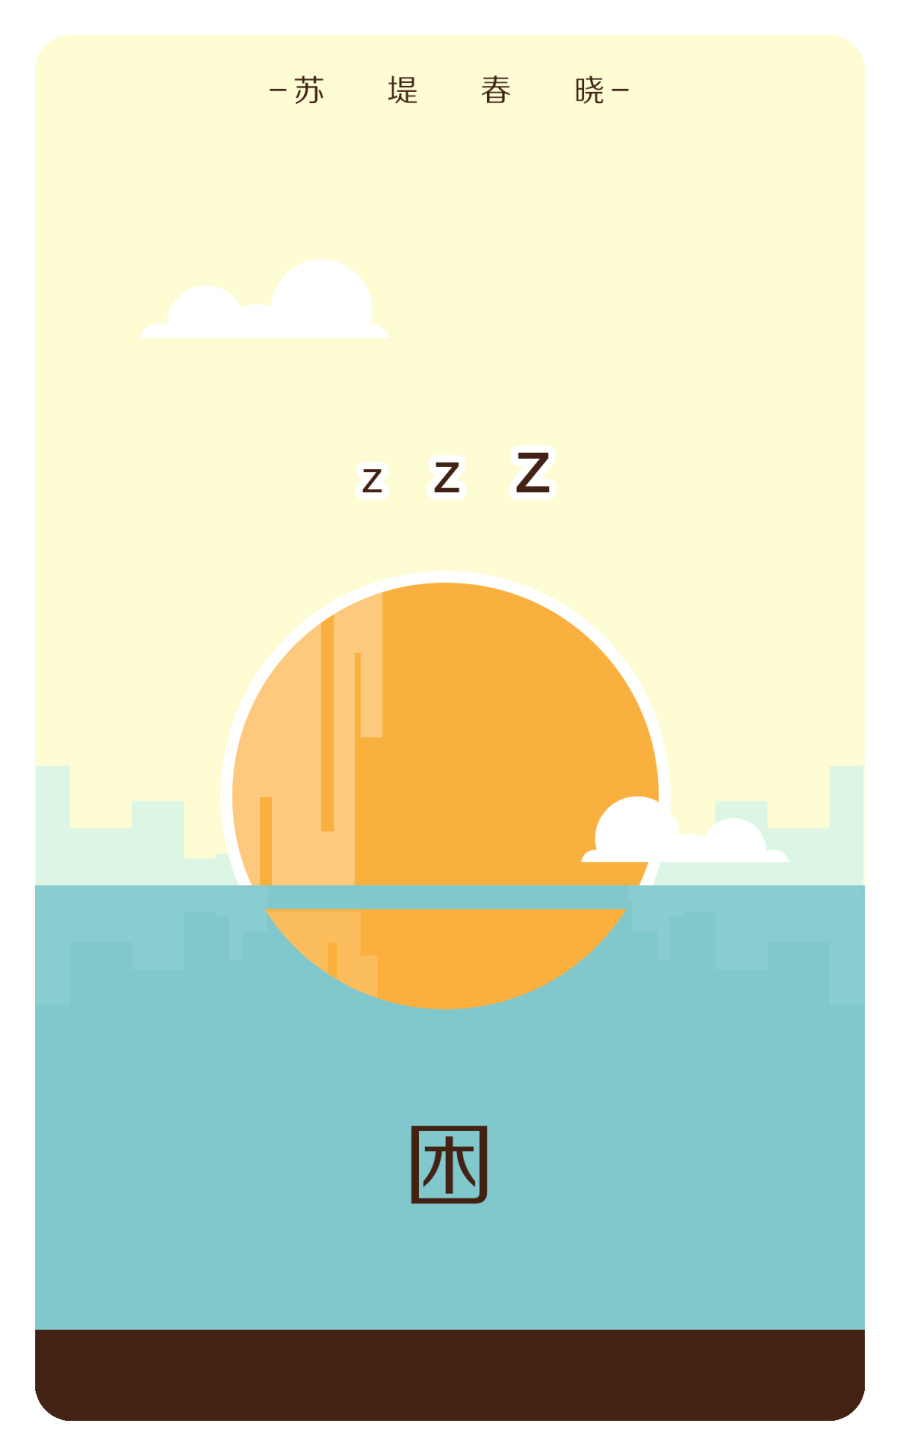 西湖十景|商业插画|插画|cccC陈 - 原创设计作品